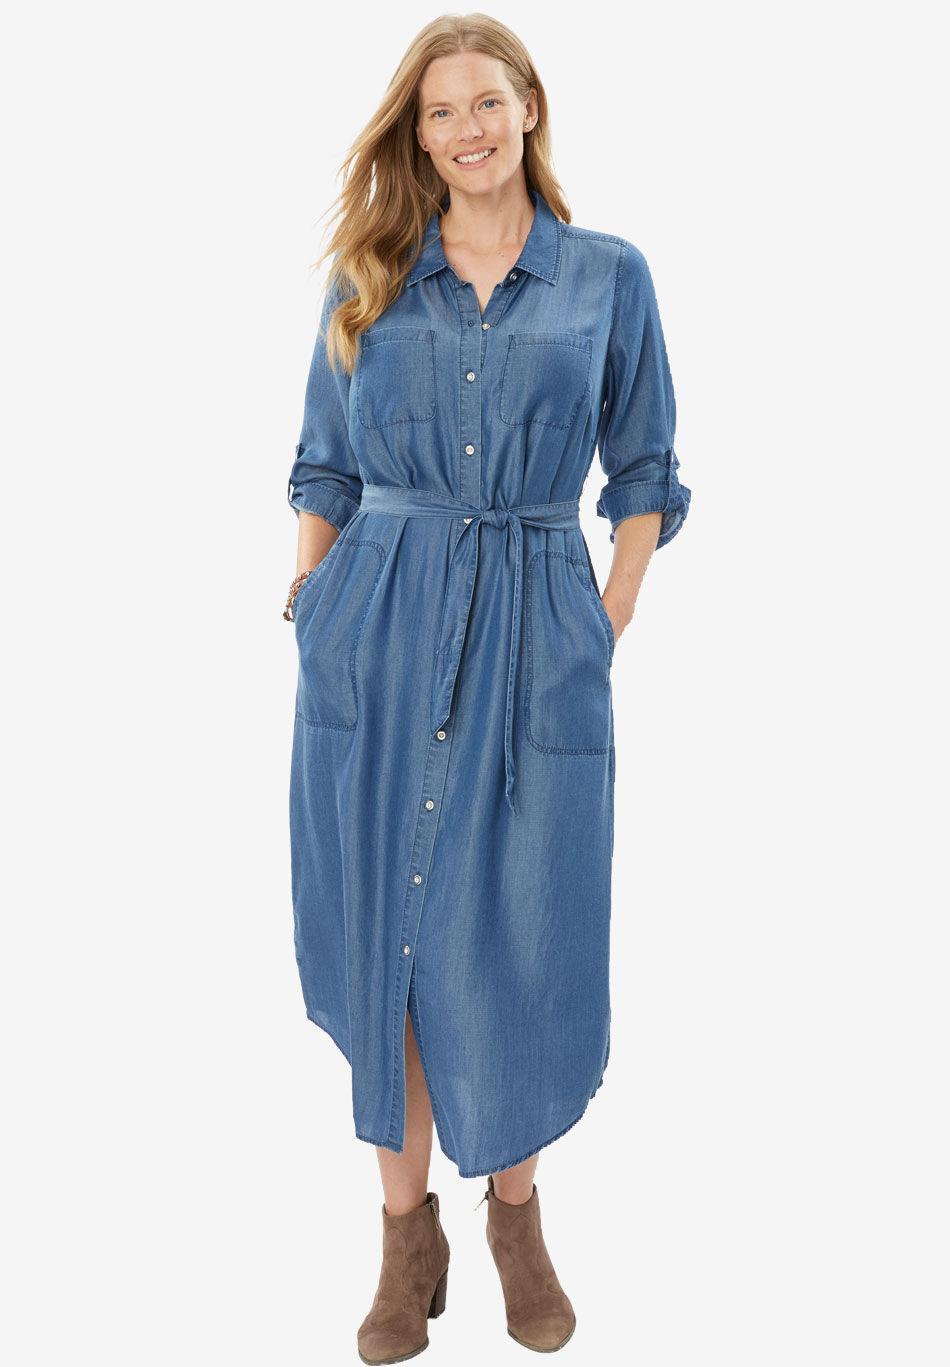 Denim Dresses for Misses